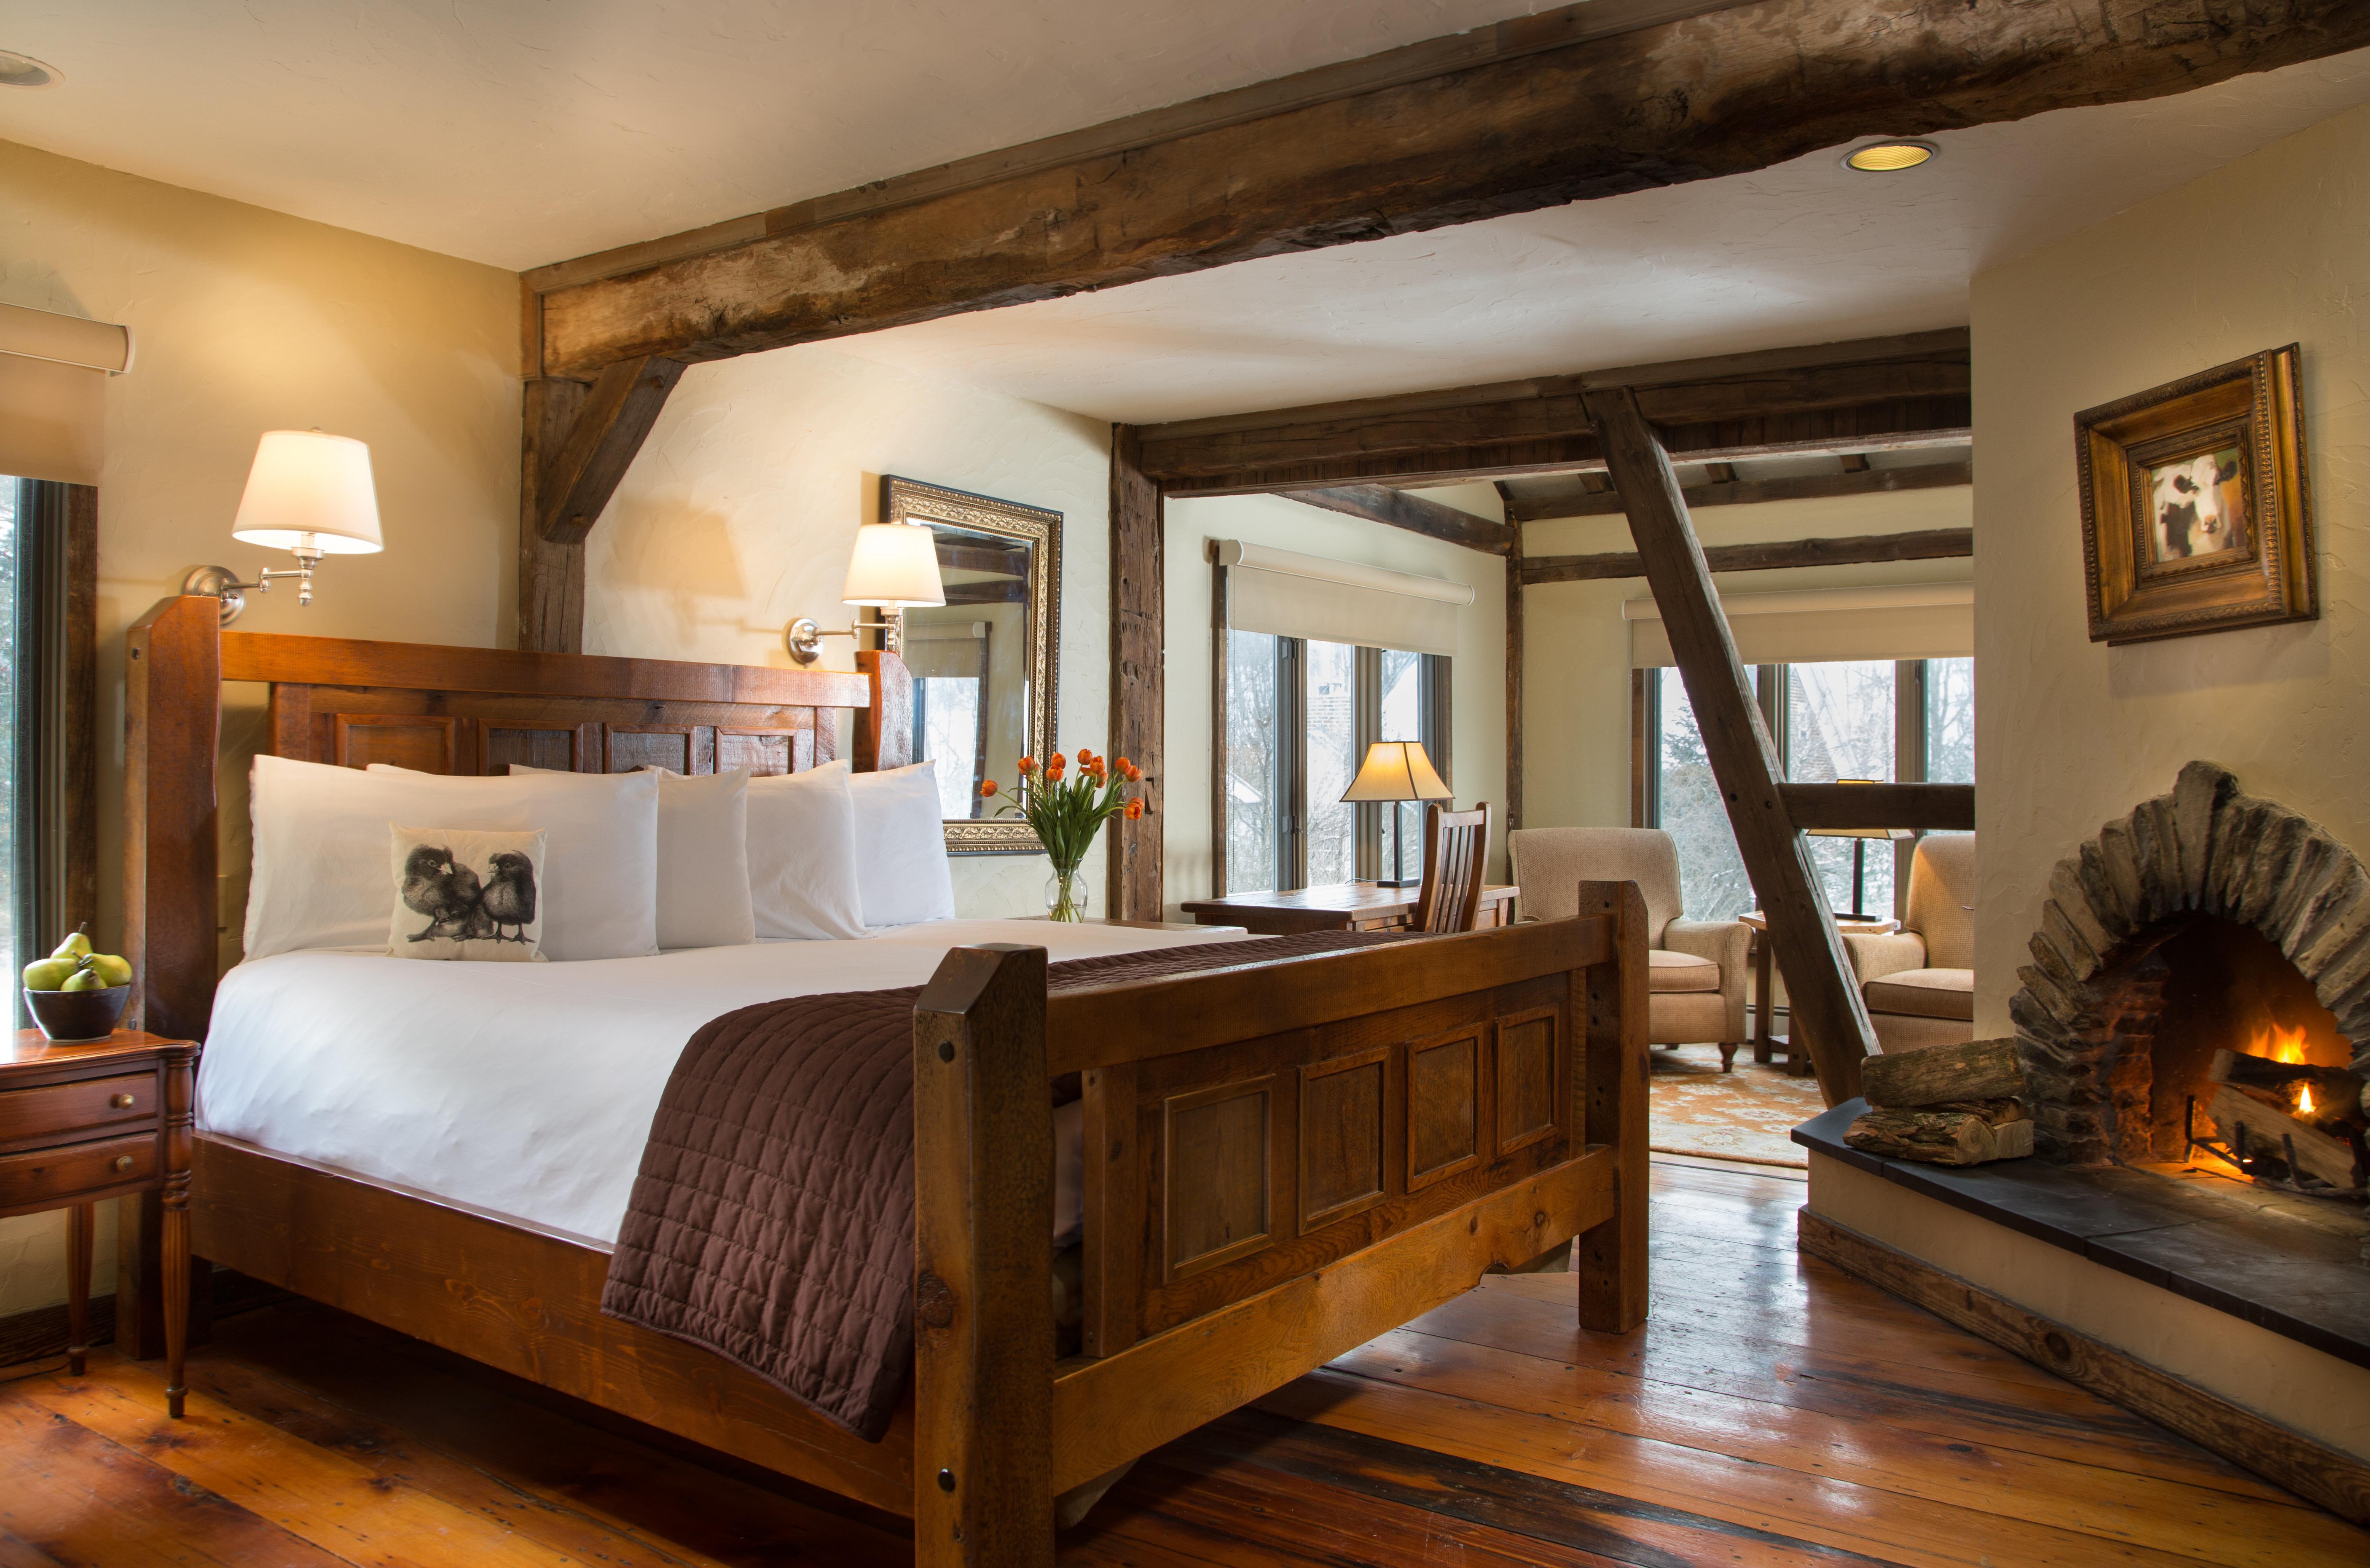 rooms u0026 suites glasbern country inn